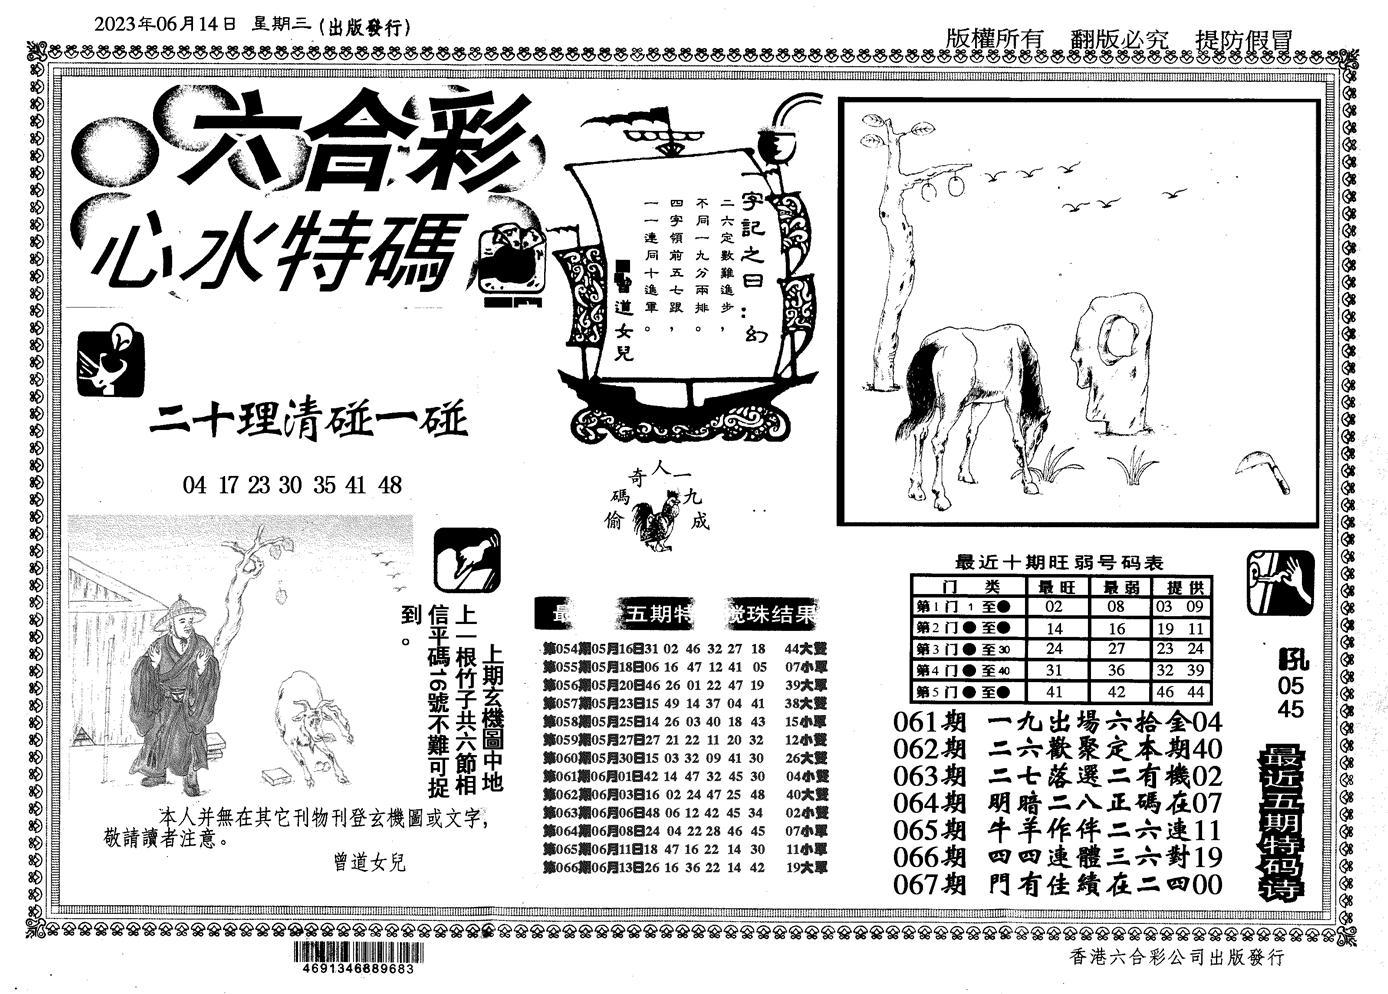 067期心水特码信封(黑白)